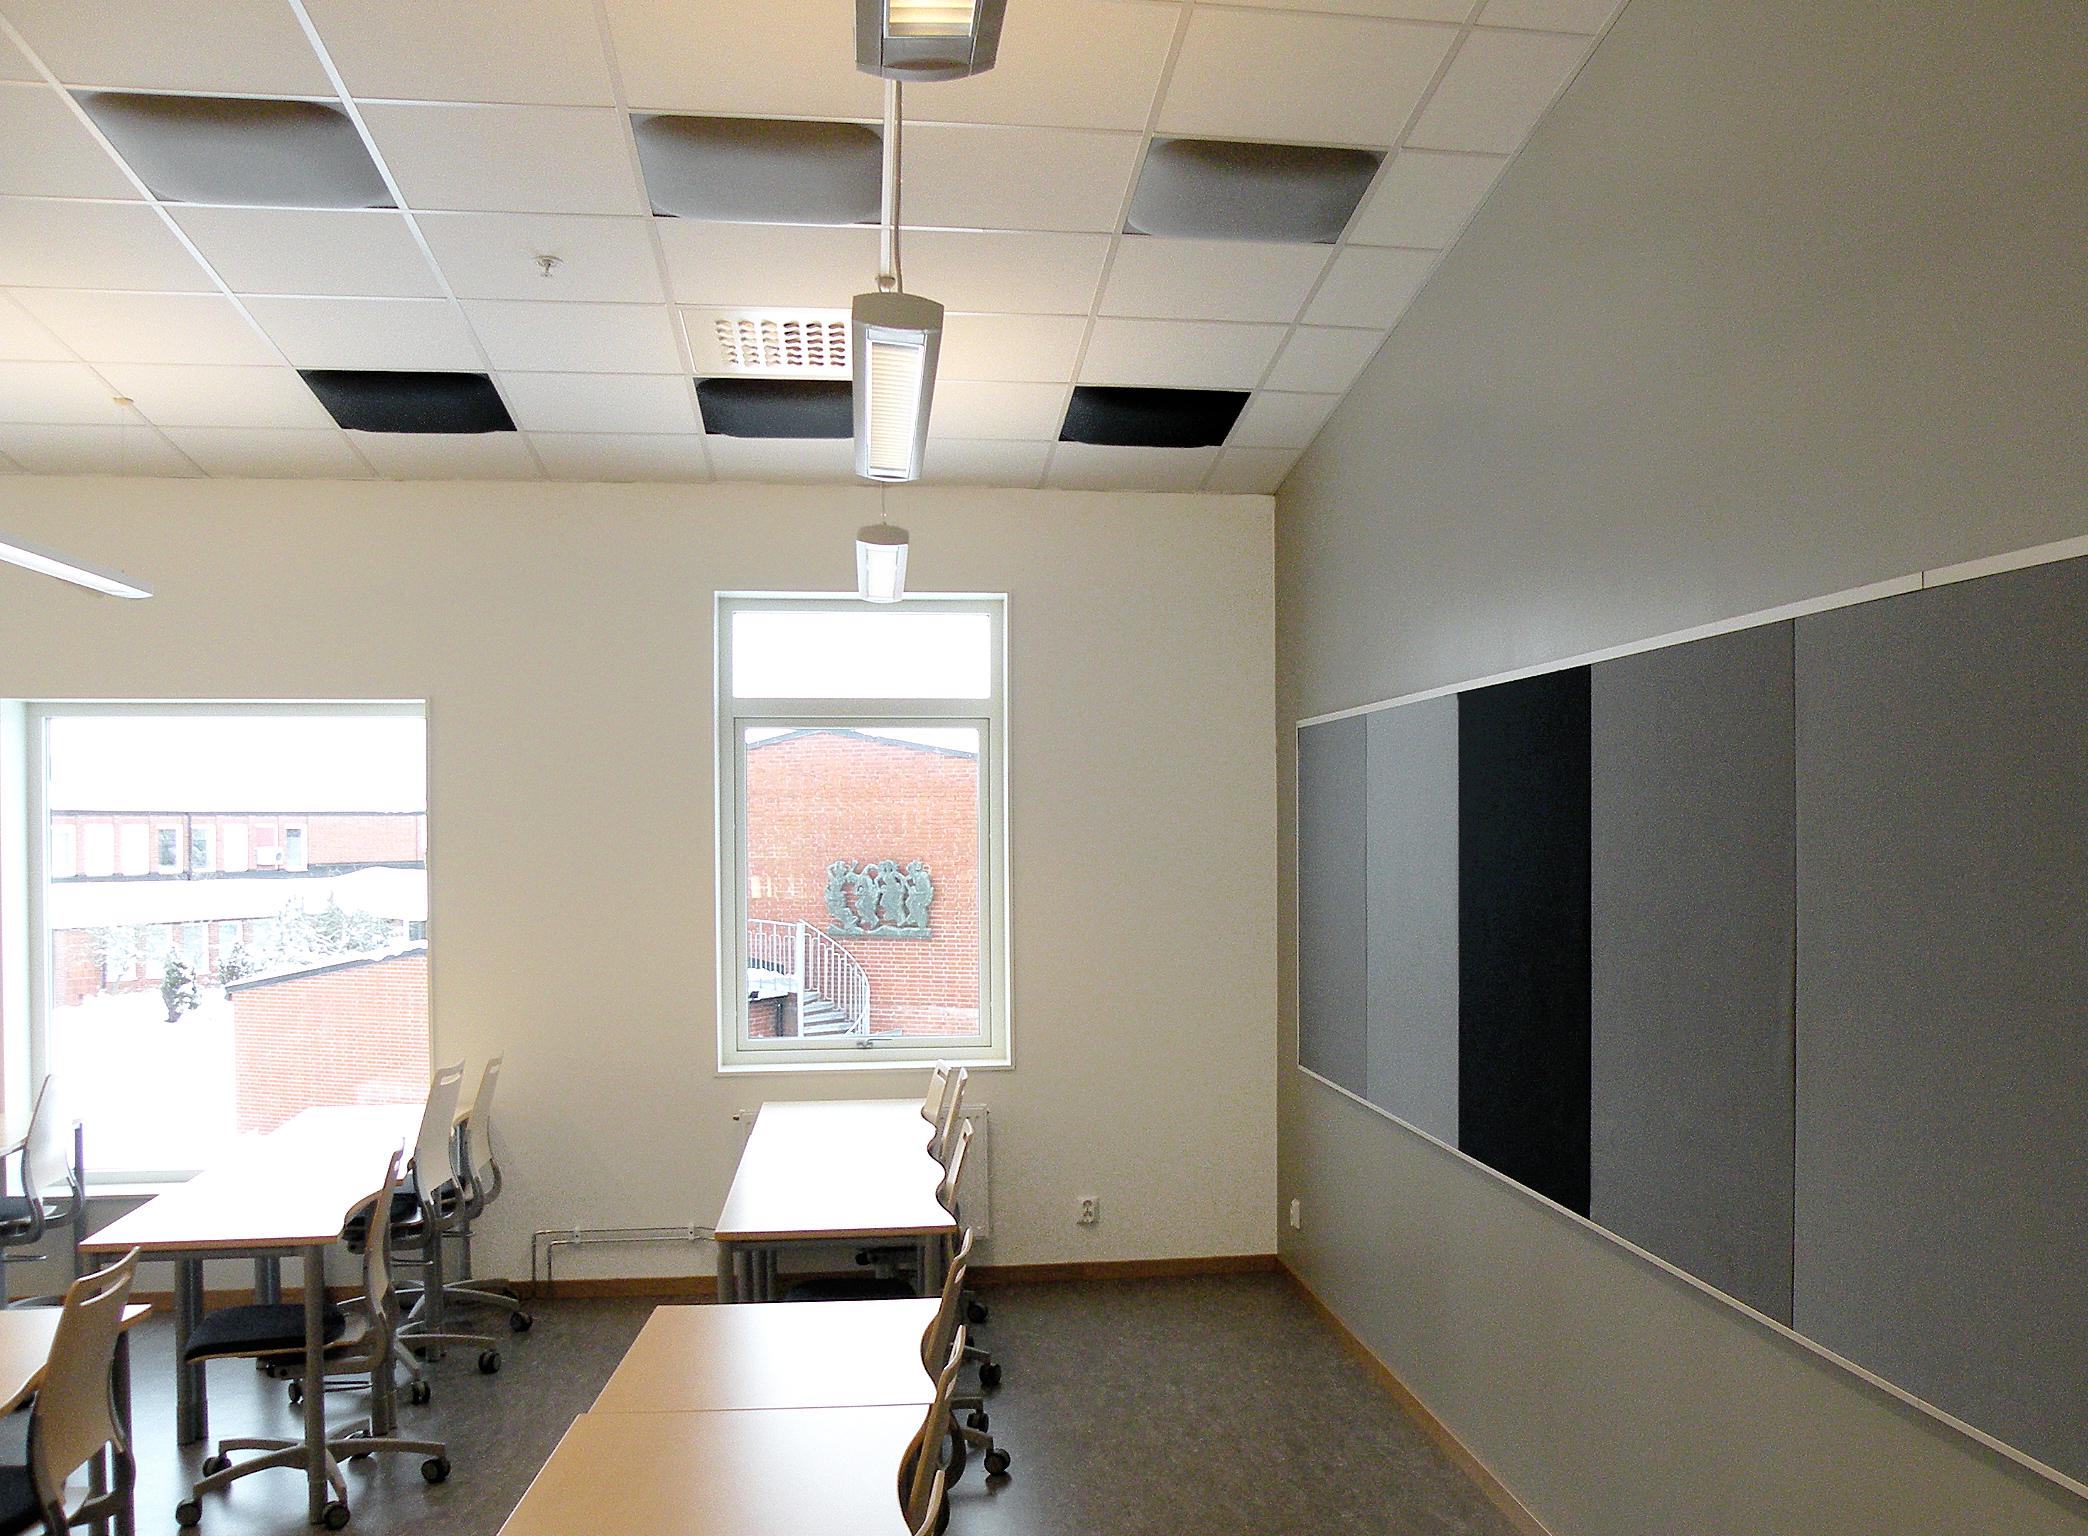 Valvett som matchar Absoflex Anslagstavlor i klassrum på Ållebergsgymnasiet